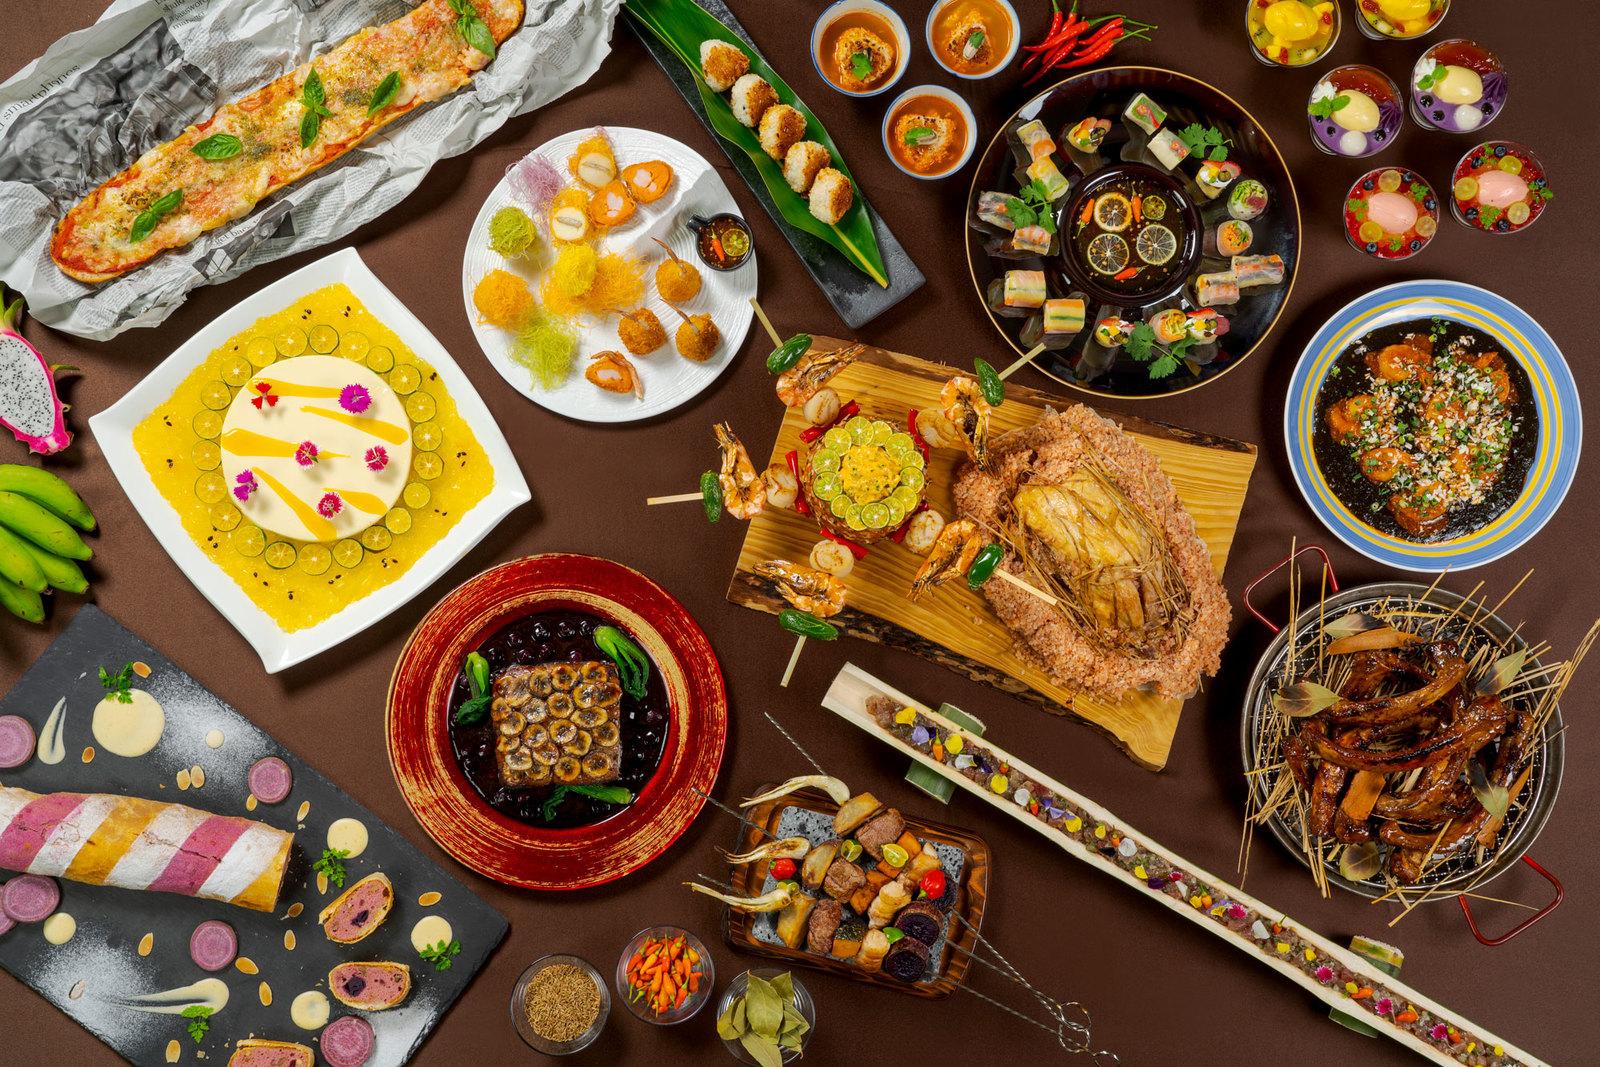 ルネッサンス リゾート オキナワ / 【◆ガルーダナイト◆ショー&ディナー】インドネシア、バリの本場ダンサーが繰り広げる南国の夜<2食付>